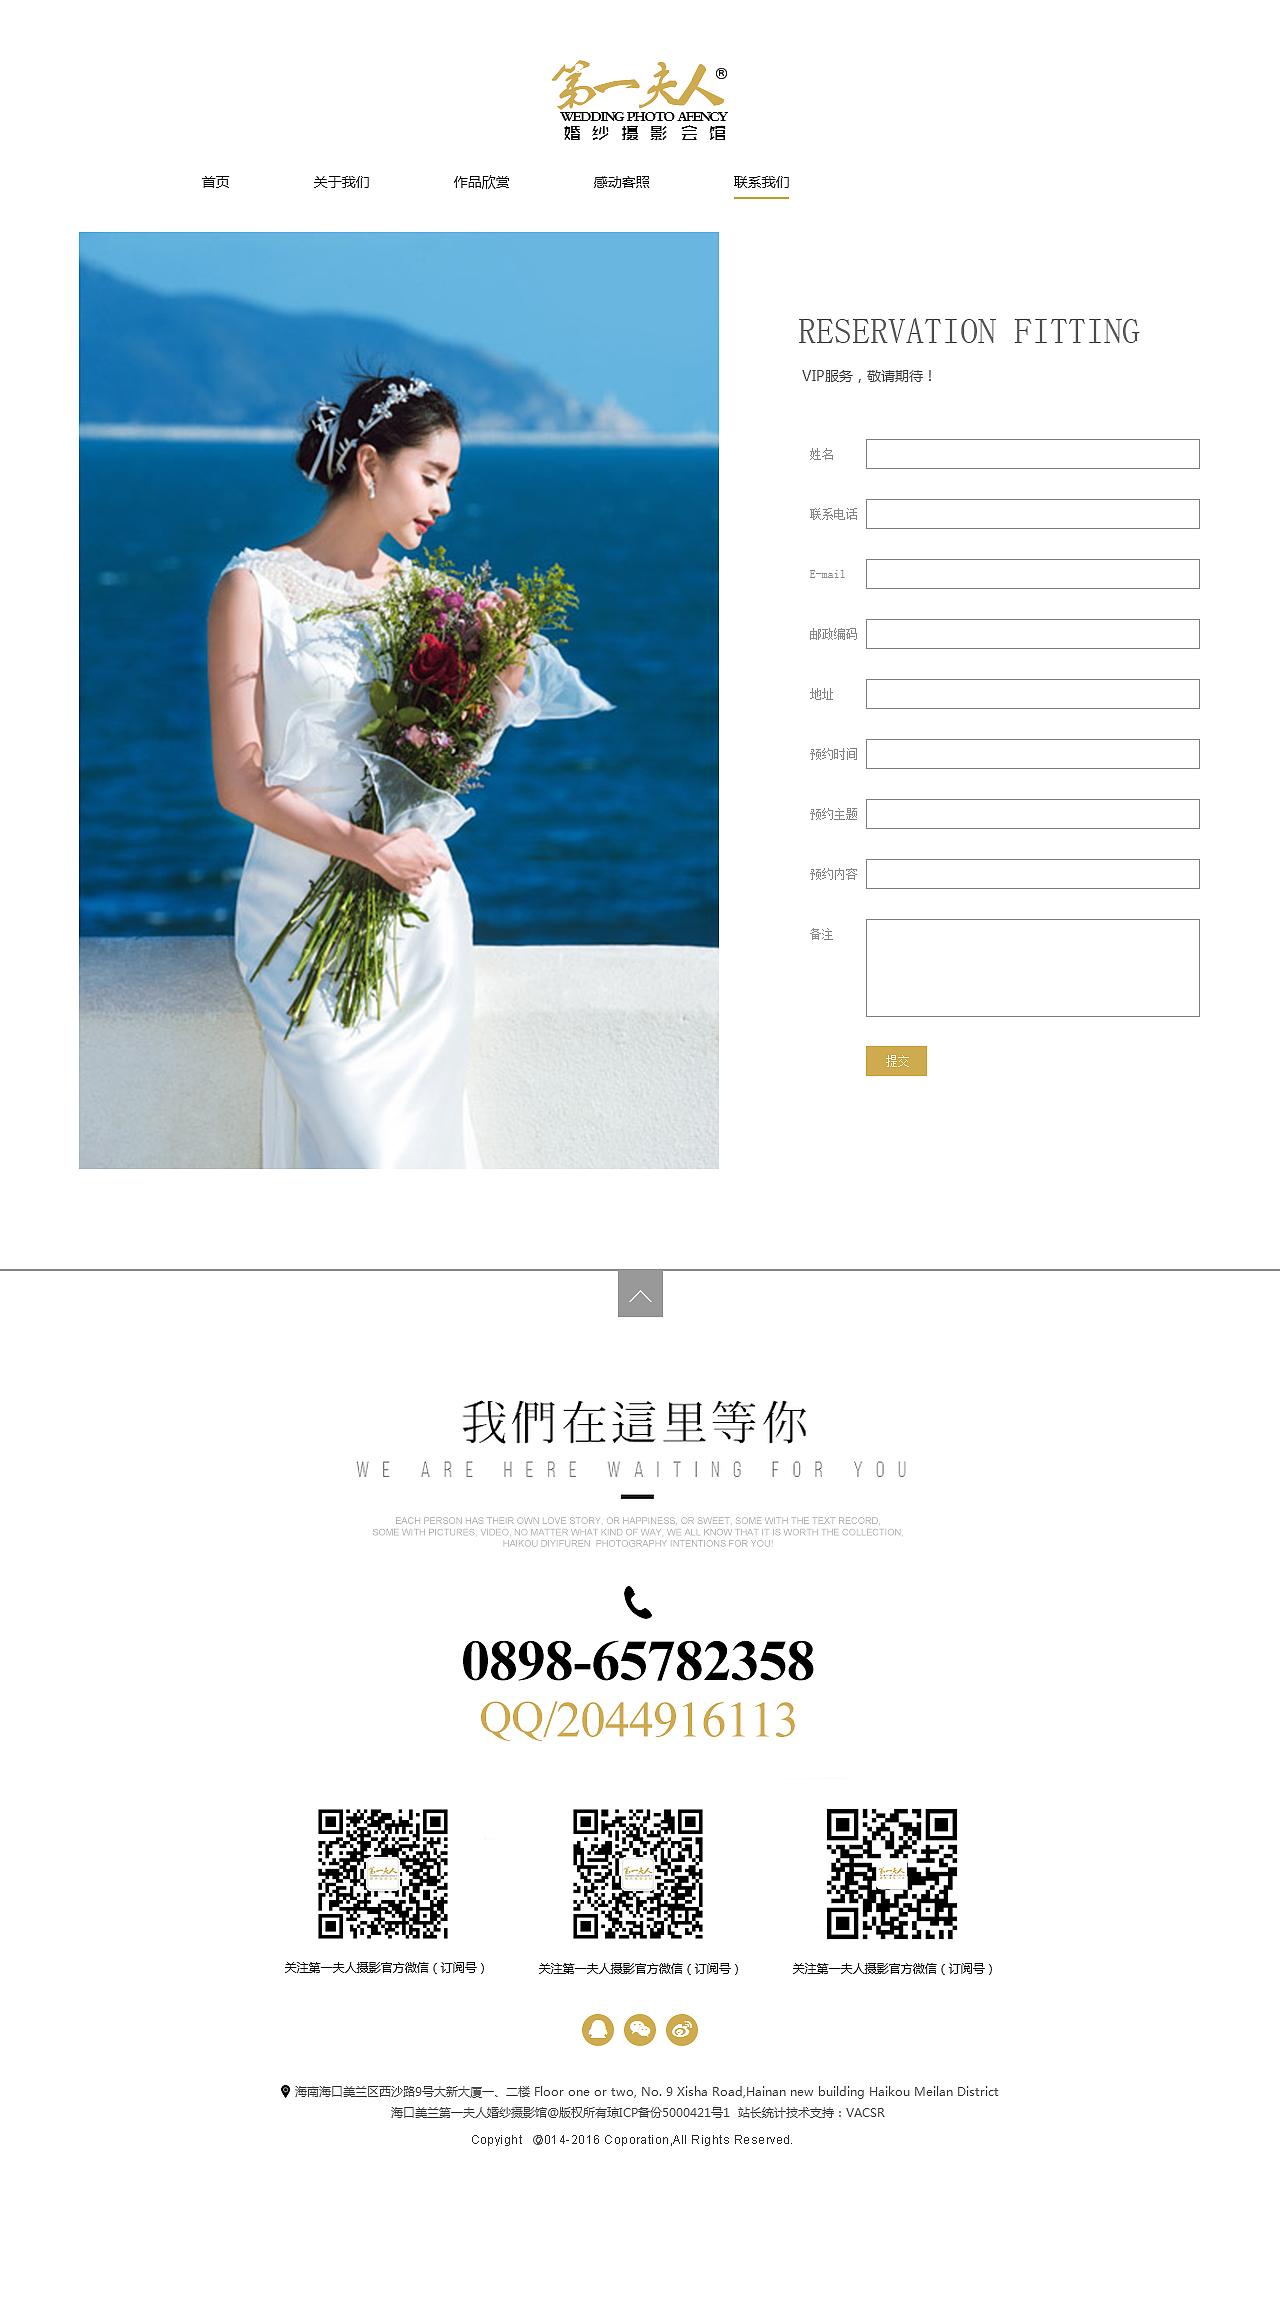 婚纱网页_婚纱网页设计模板